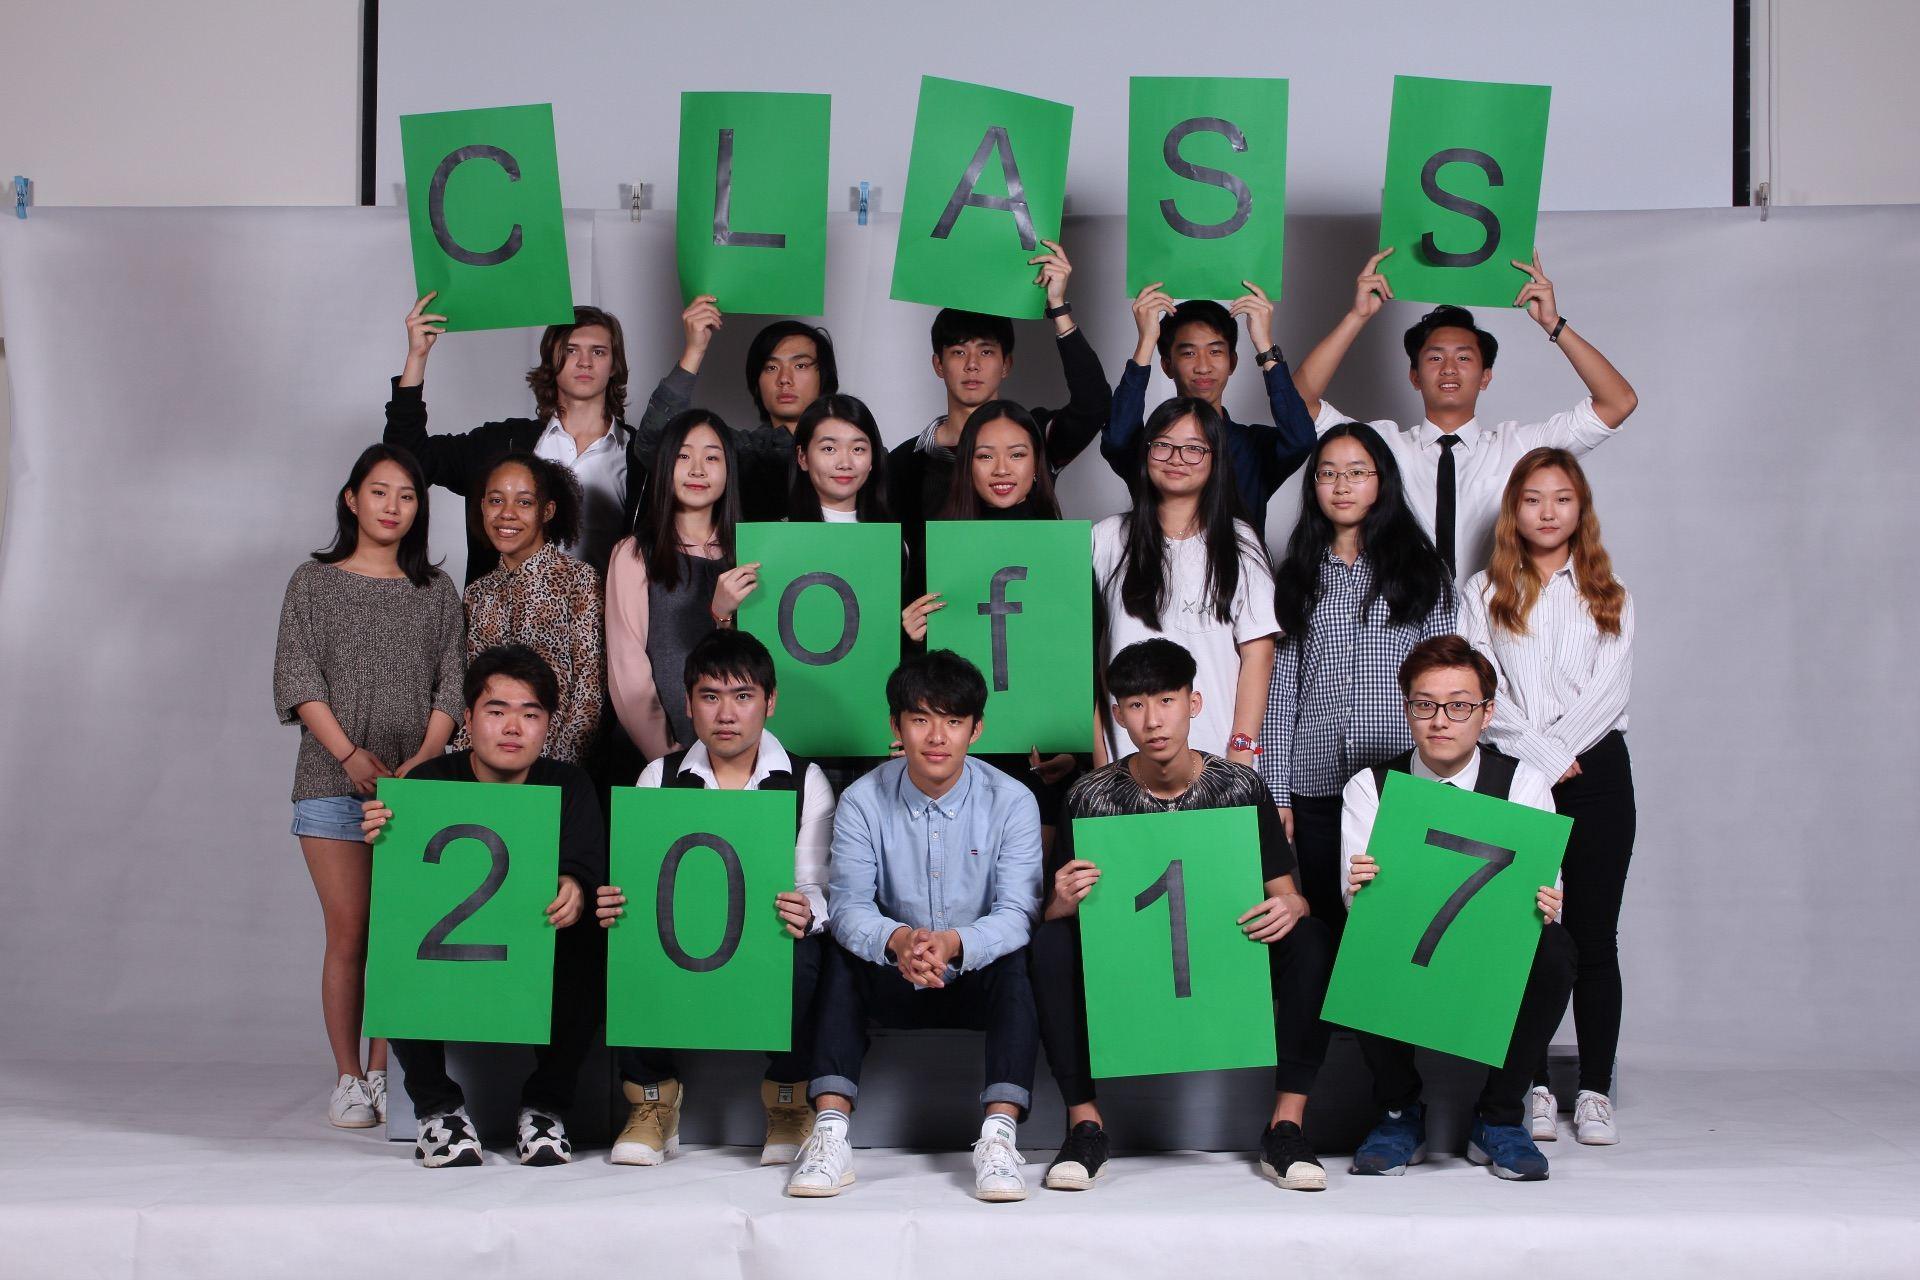 UISZ Class of 2017 Graduation video